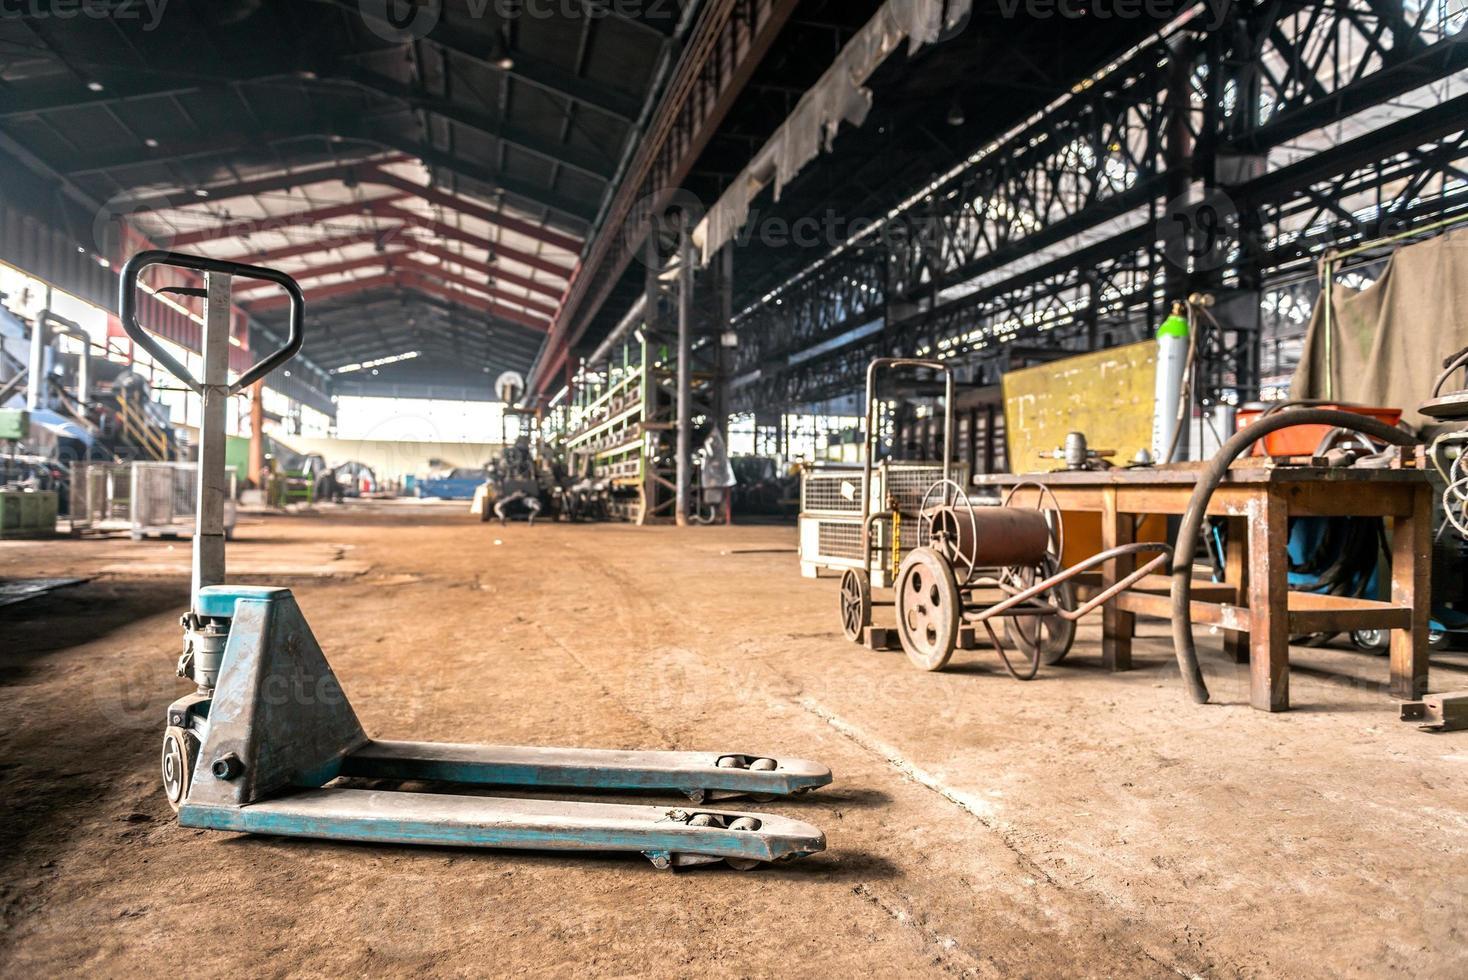 manuell gaffeltruck i industriell interiör foto